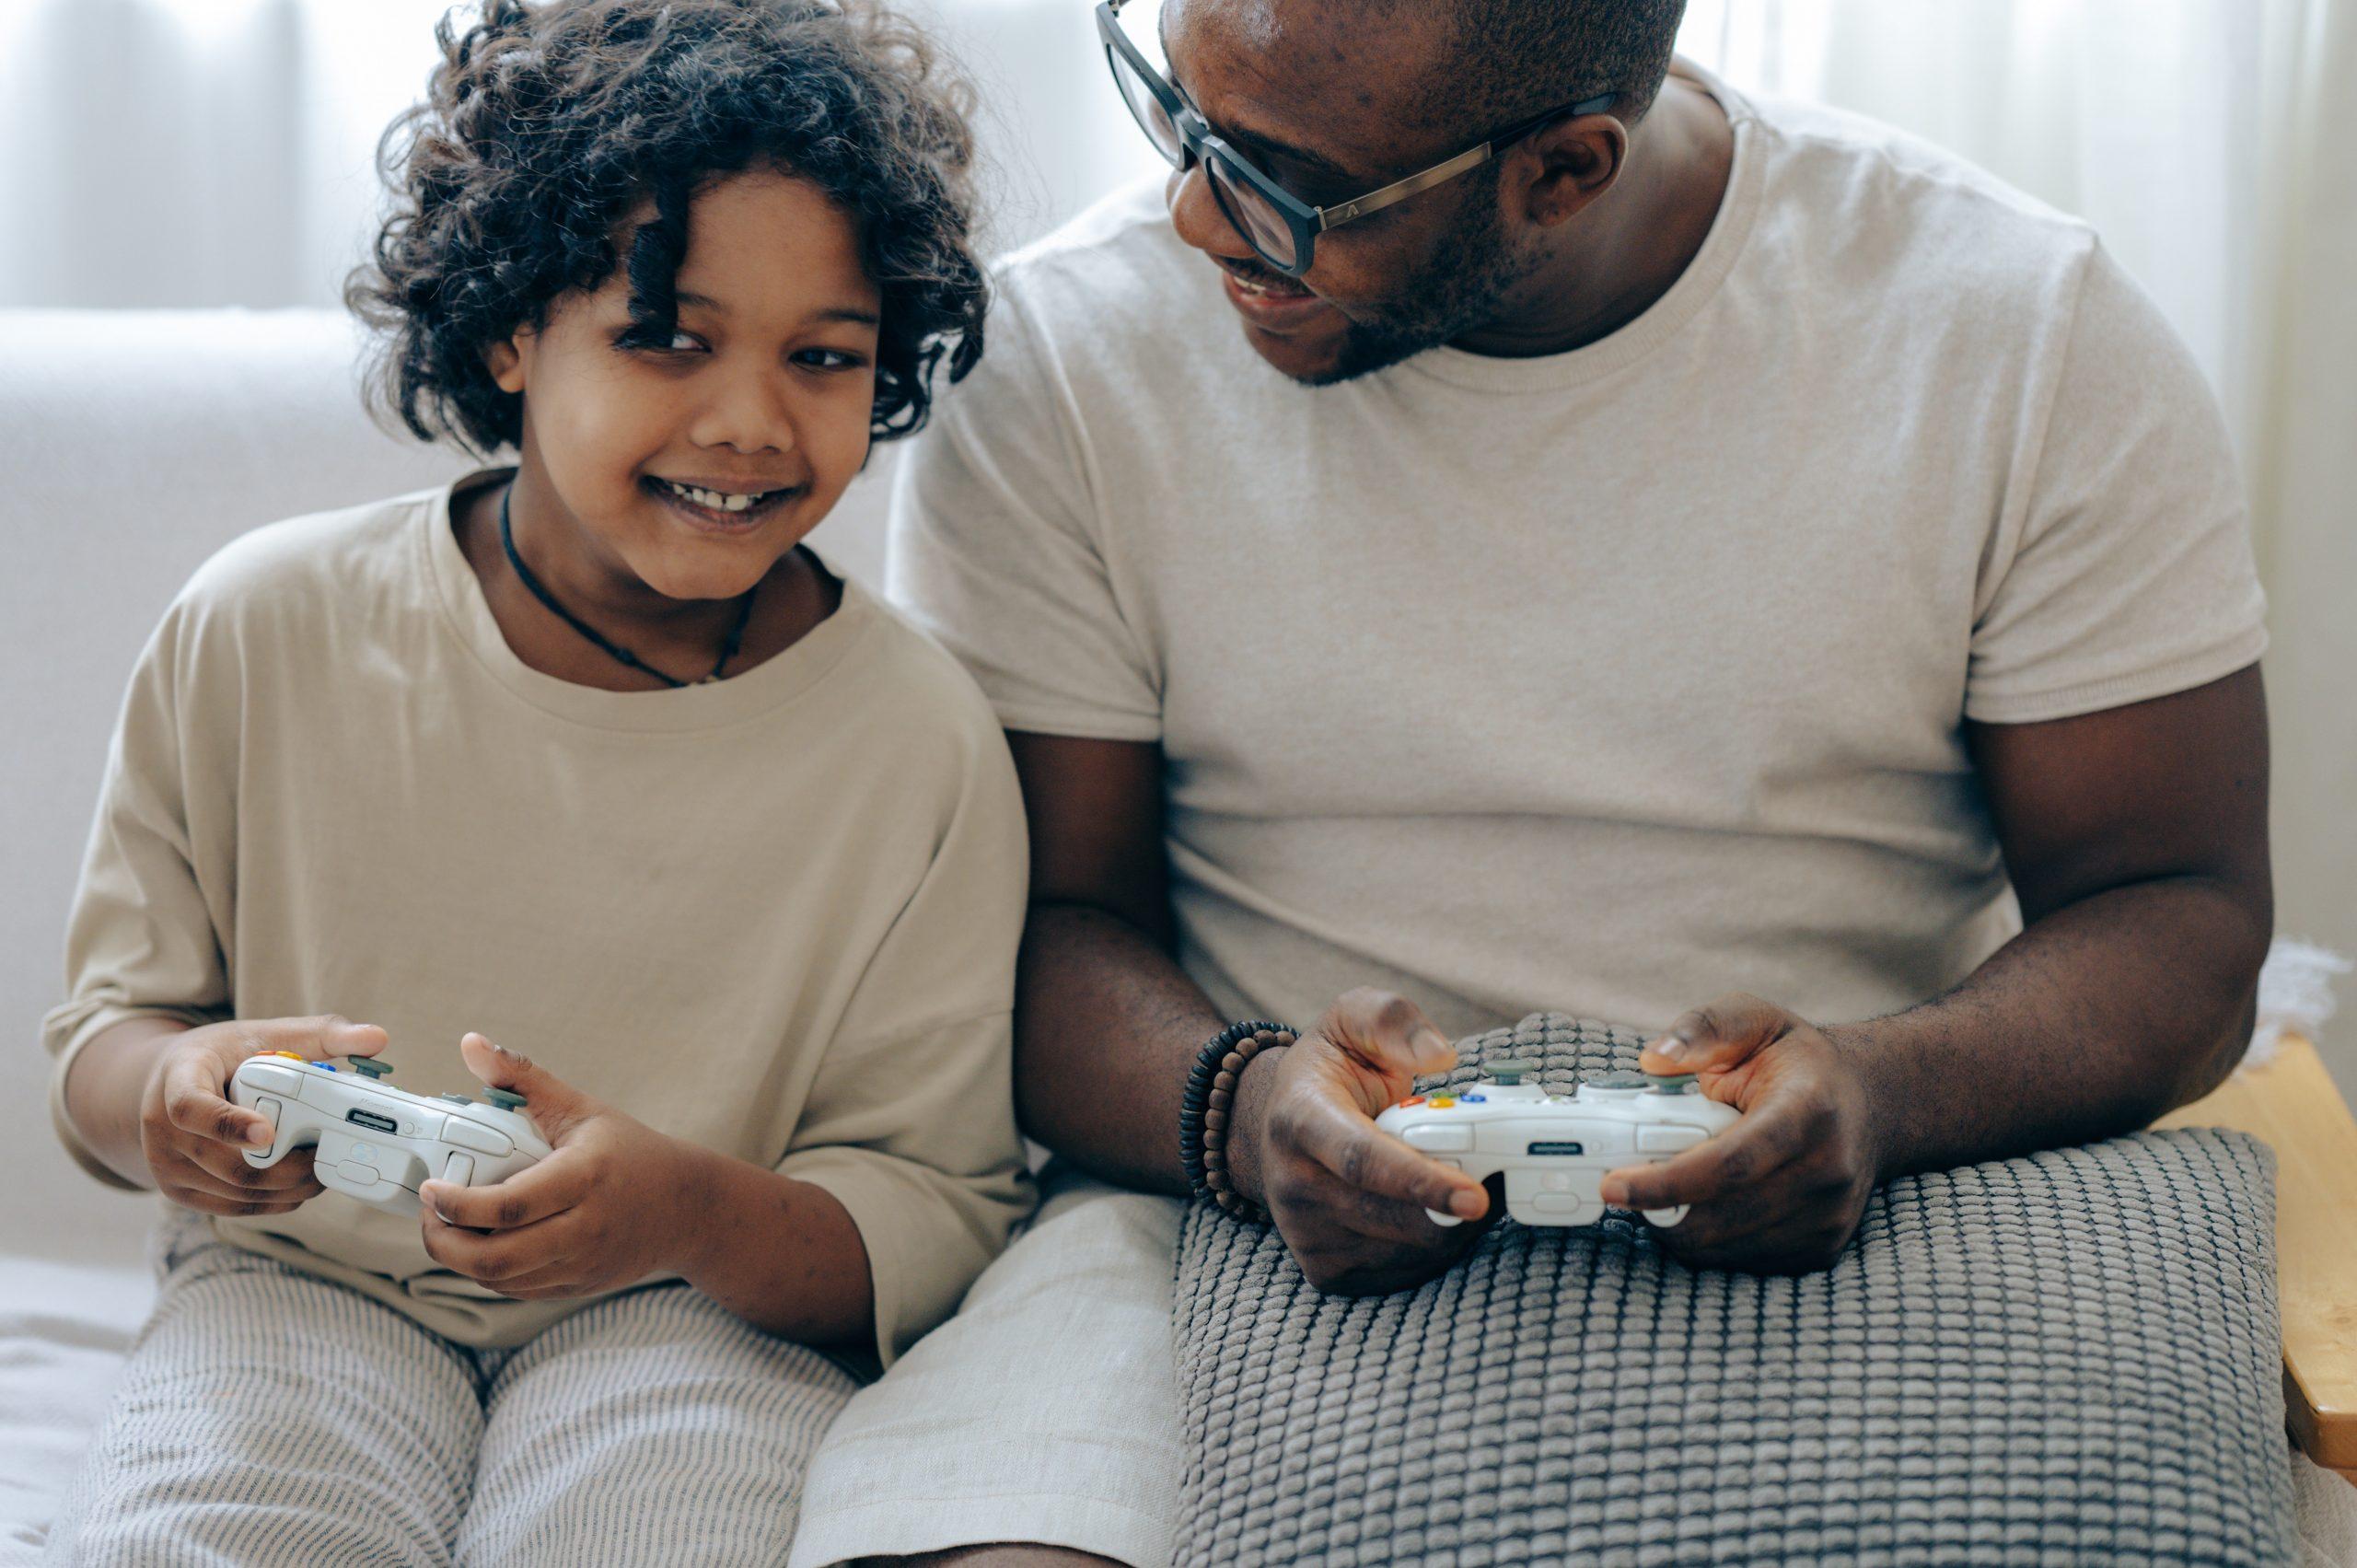 Hoelang mogen kinderen gamen en welke grenzen moet je bewaken